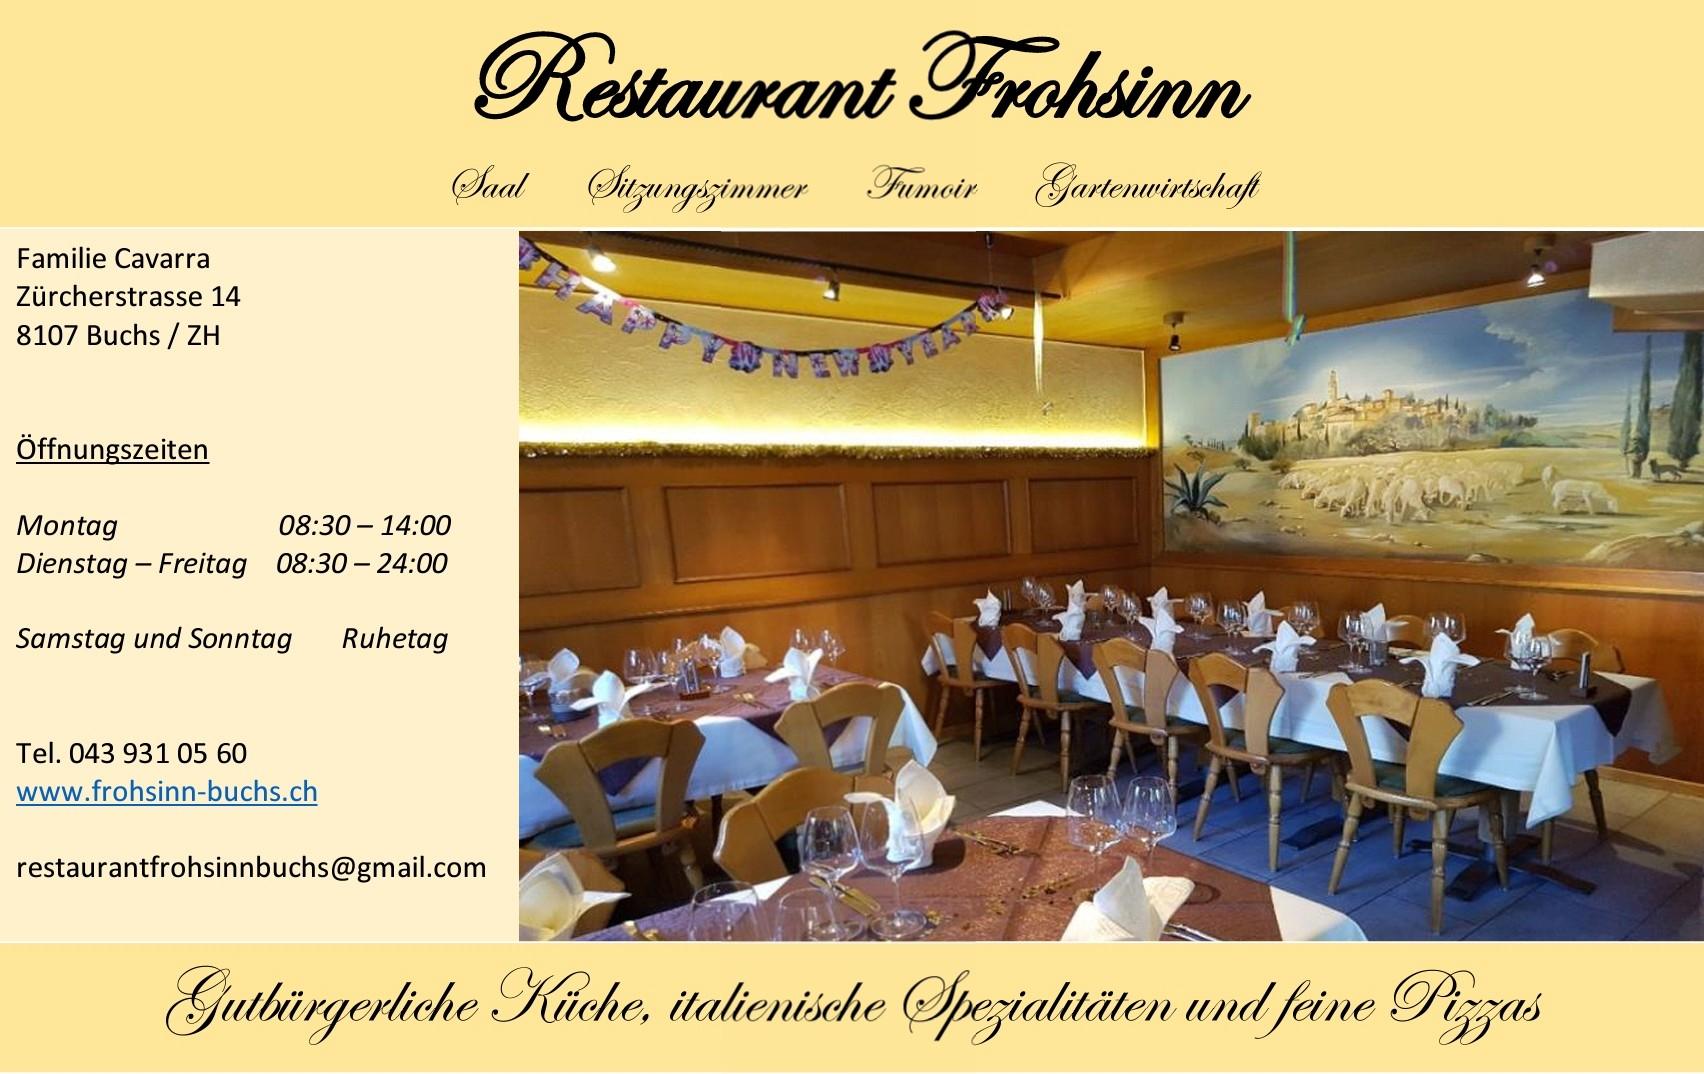 Restaurant Frohsinn Buchs